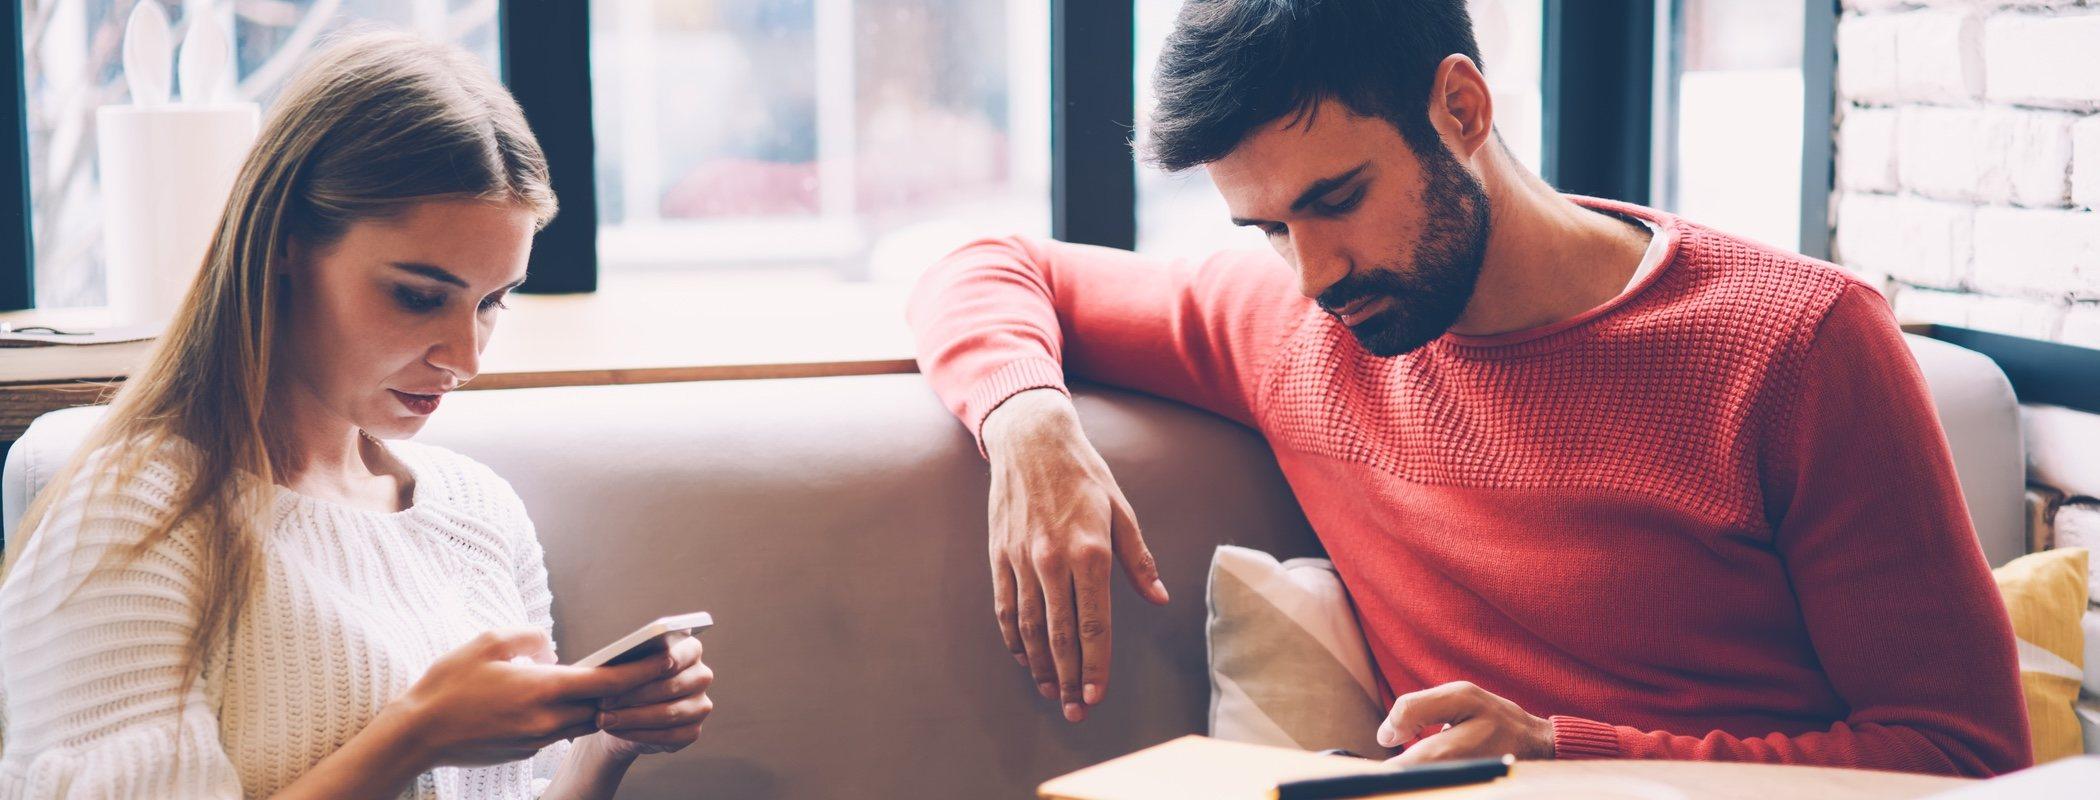 Qué evitar en la primera cita: guía para chicos